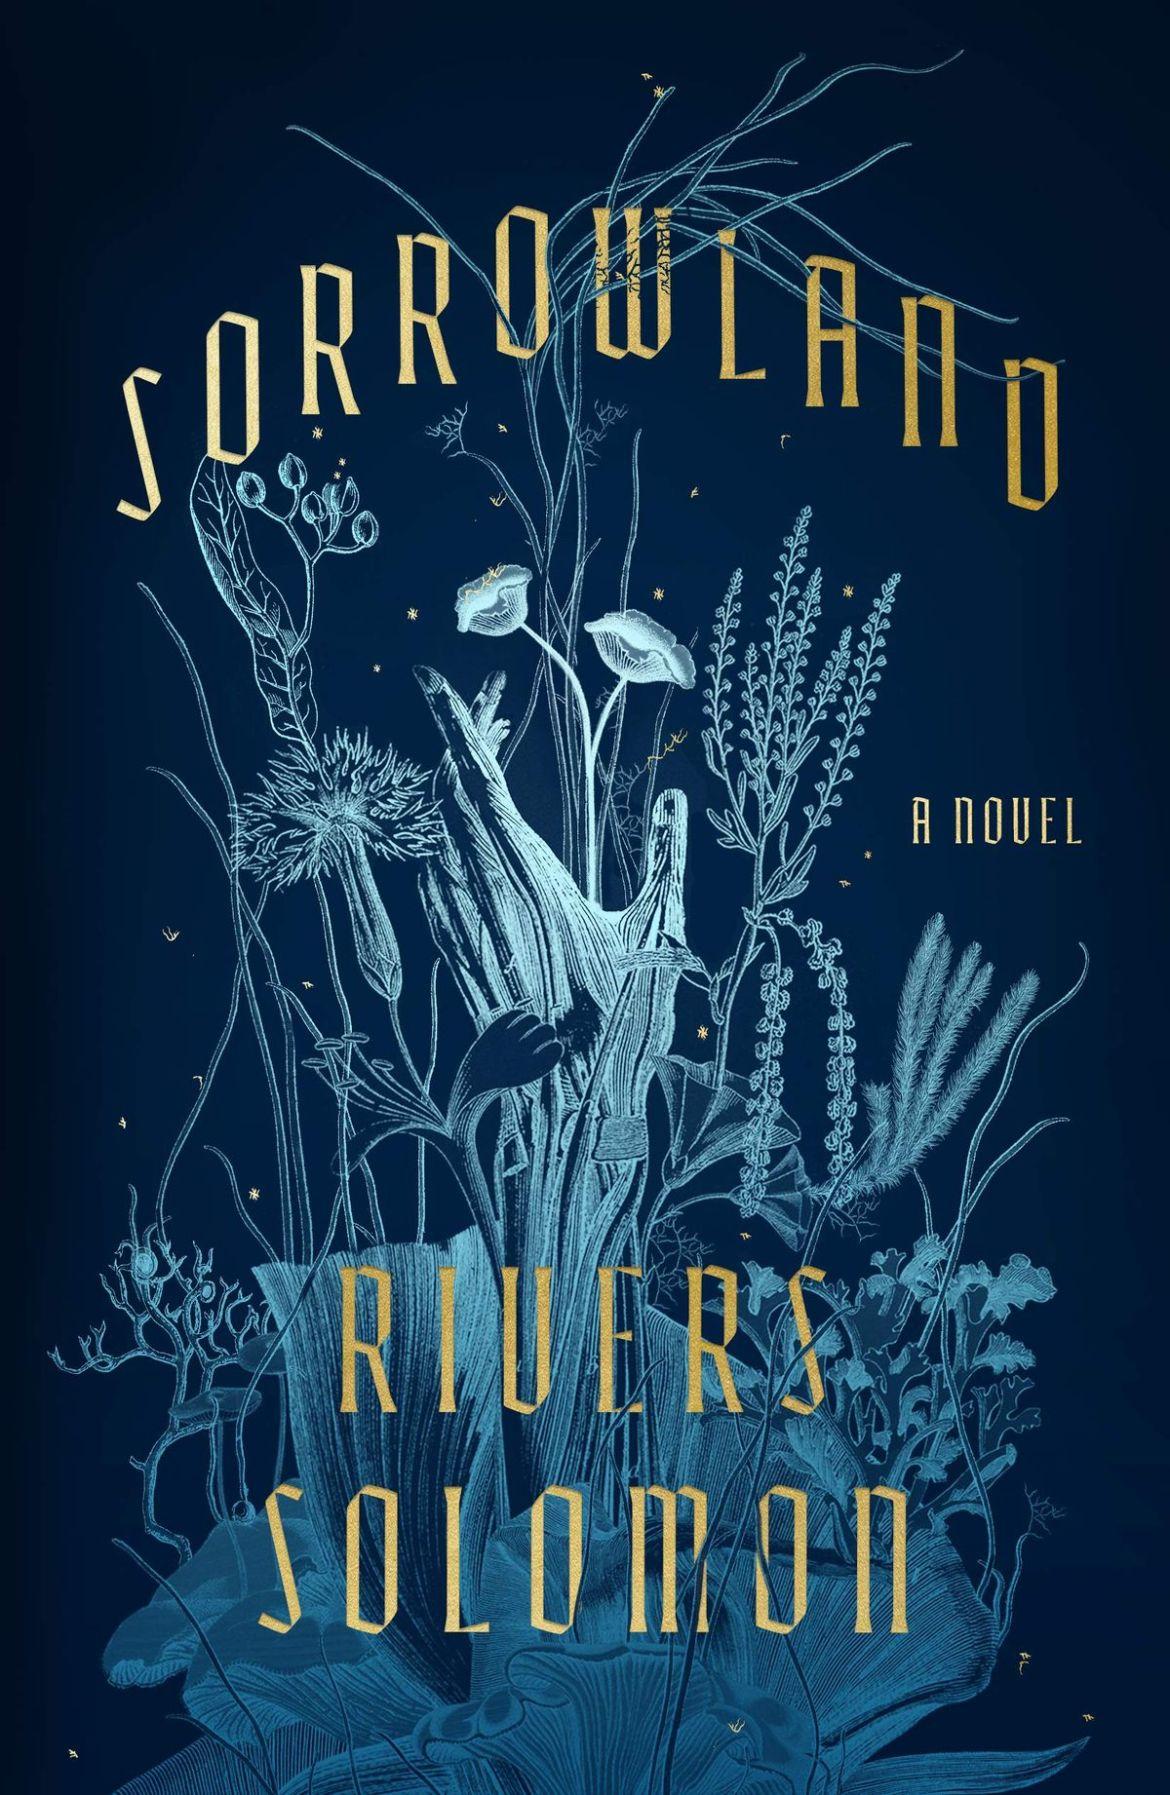 Sorrowland book cover